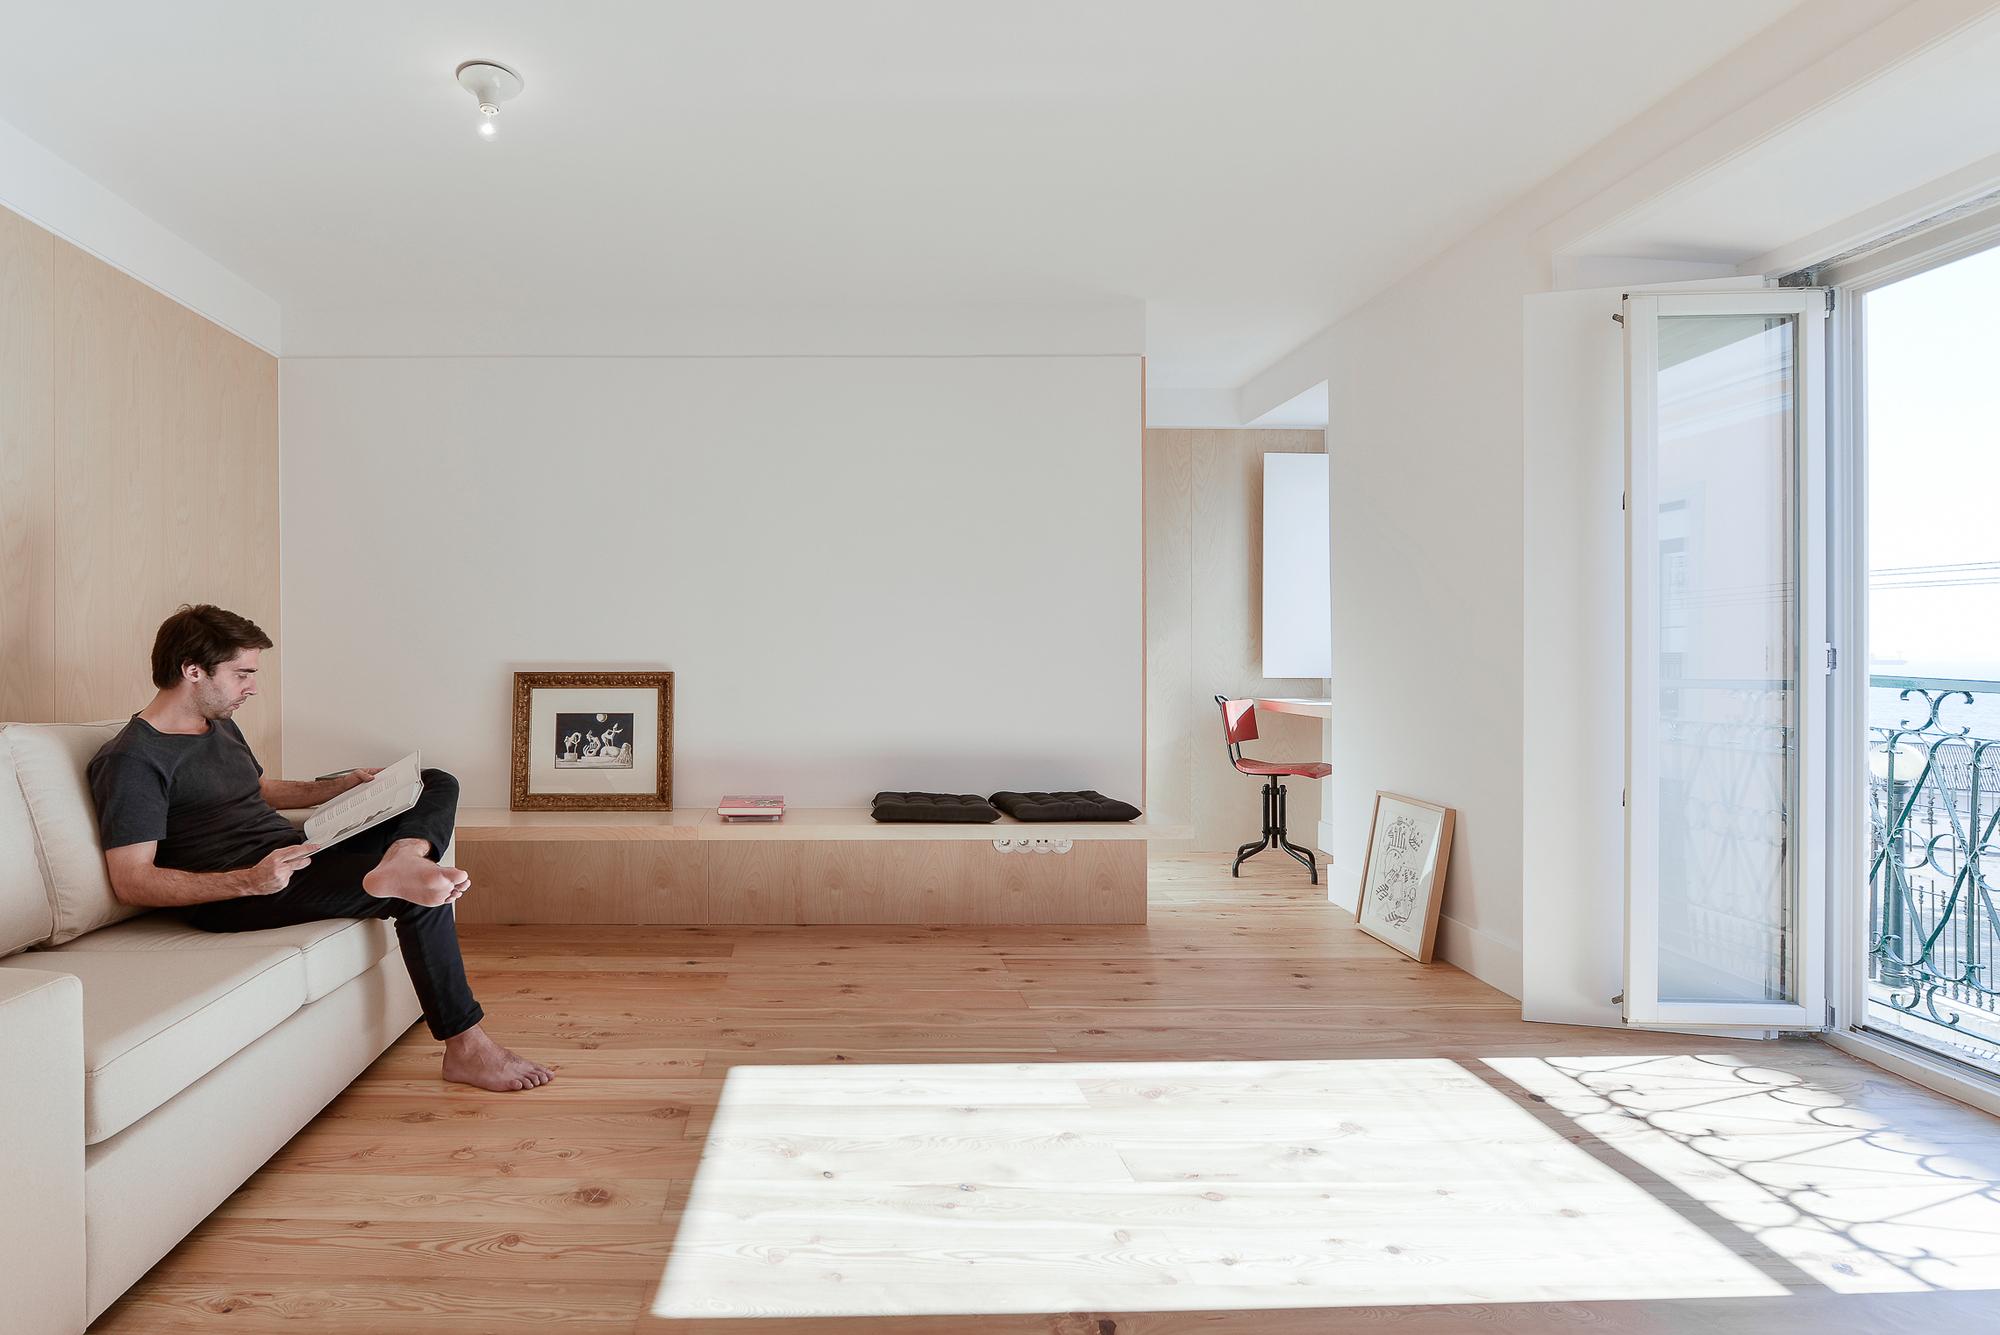 Vita da single: 5 idee per arredare piccole case da sogno cofim